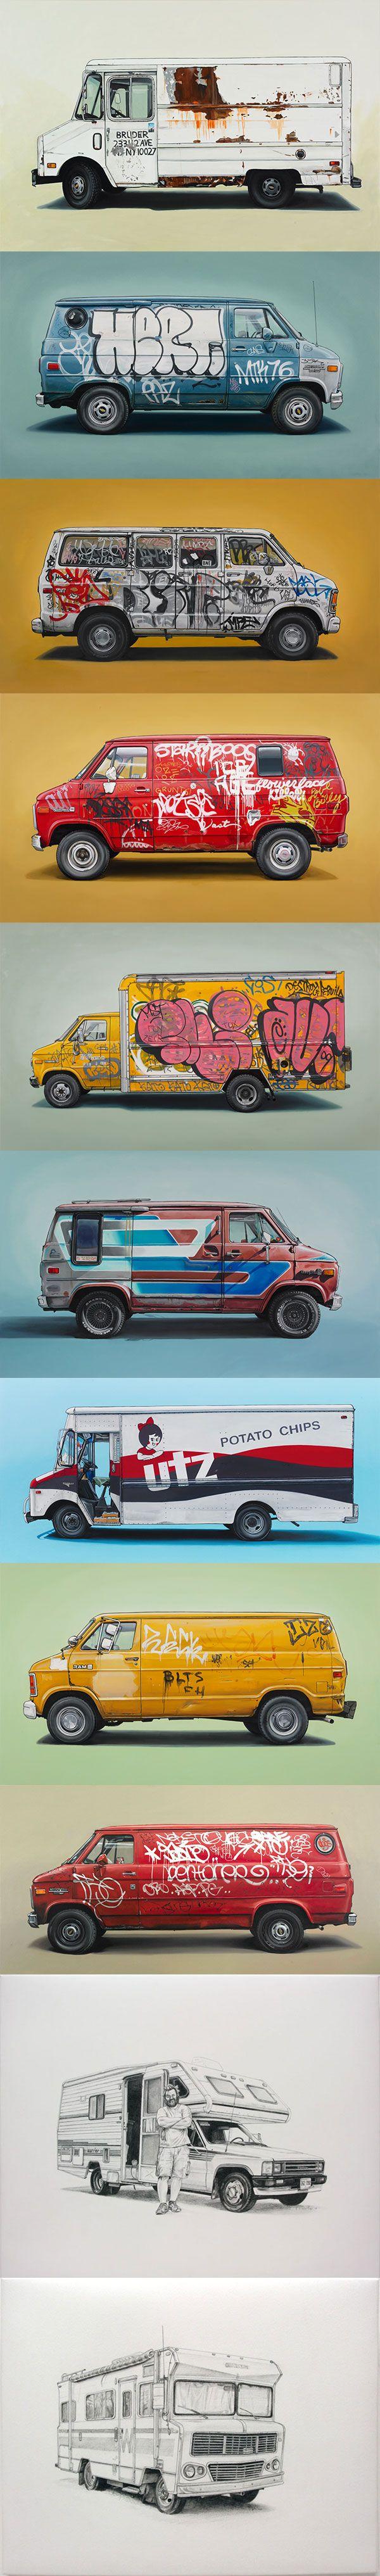 Peintures à l'huile de Kevin Cyr